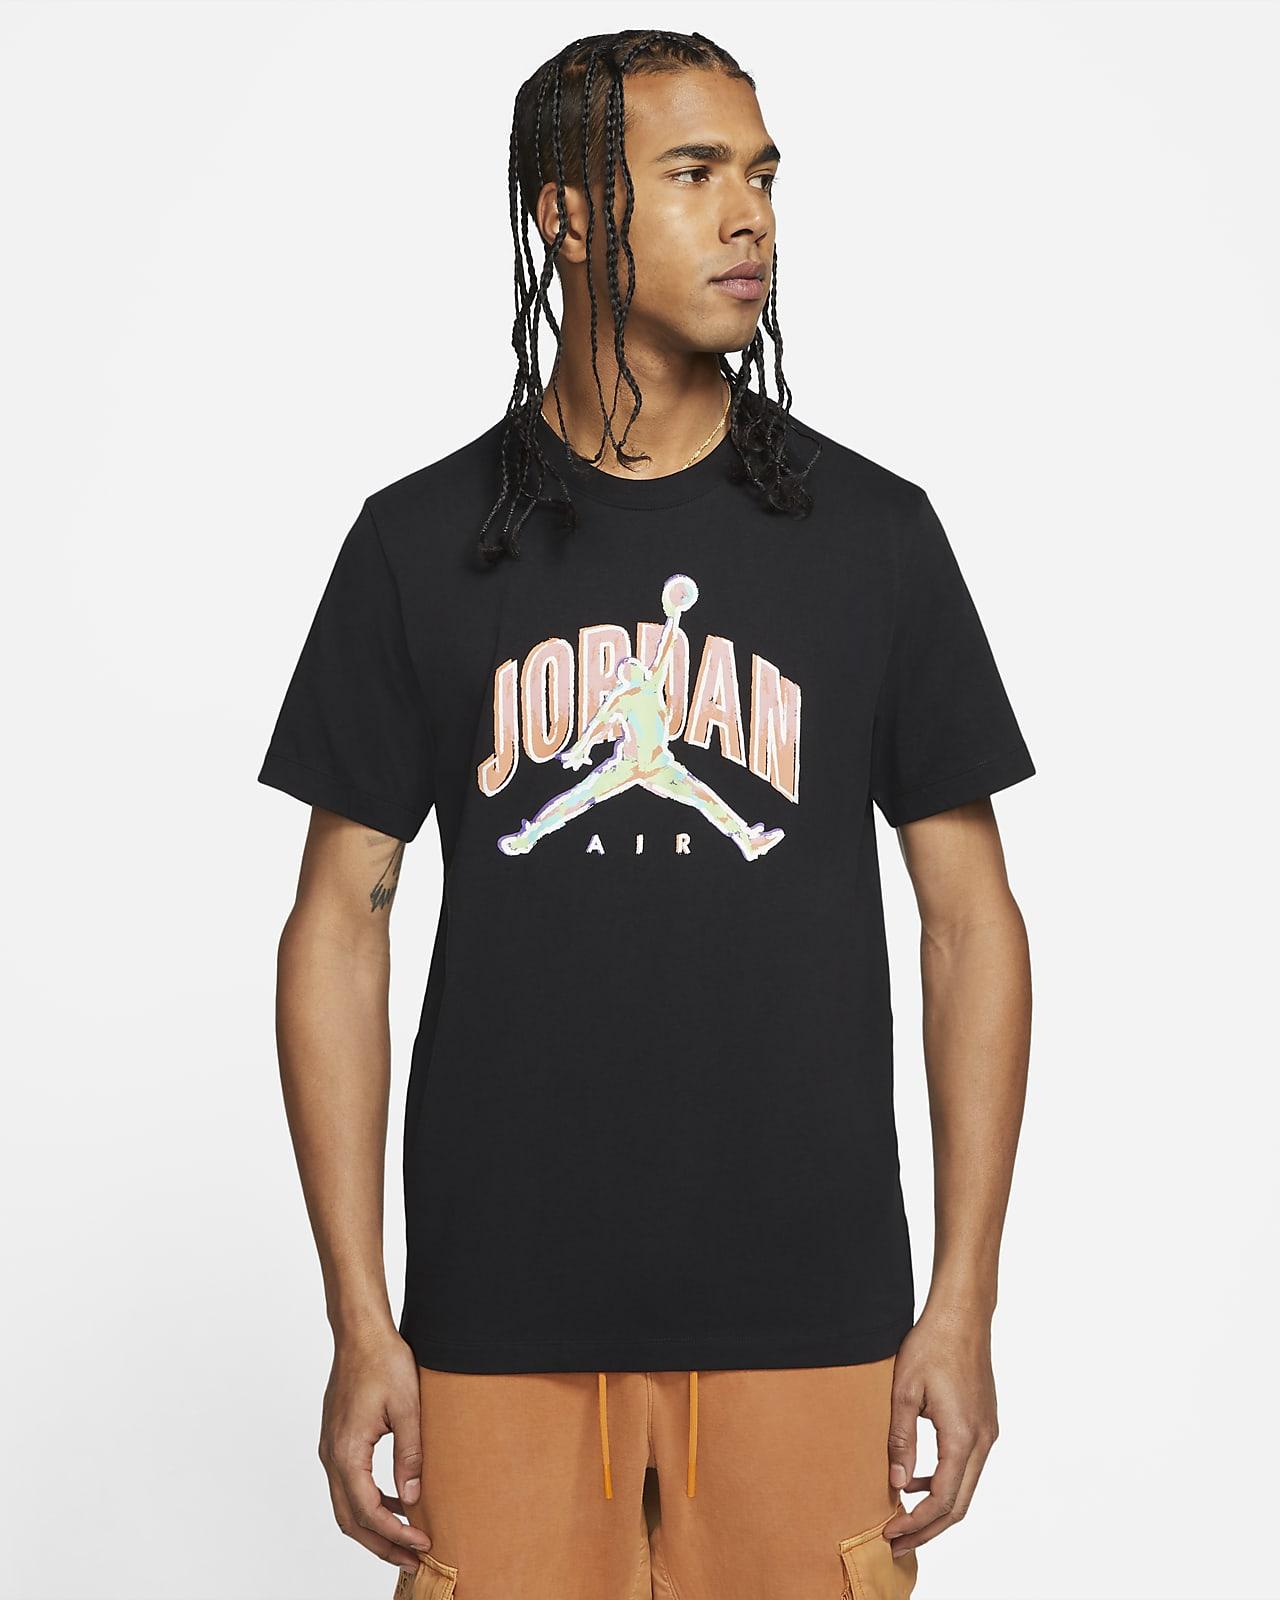 Jordan Air Men's Short-Sleeve T-Shirt